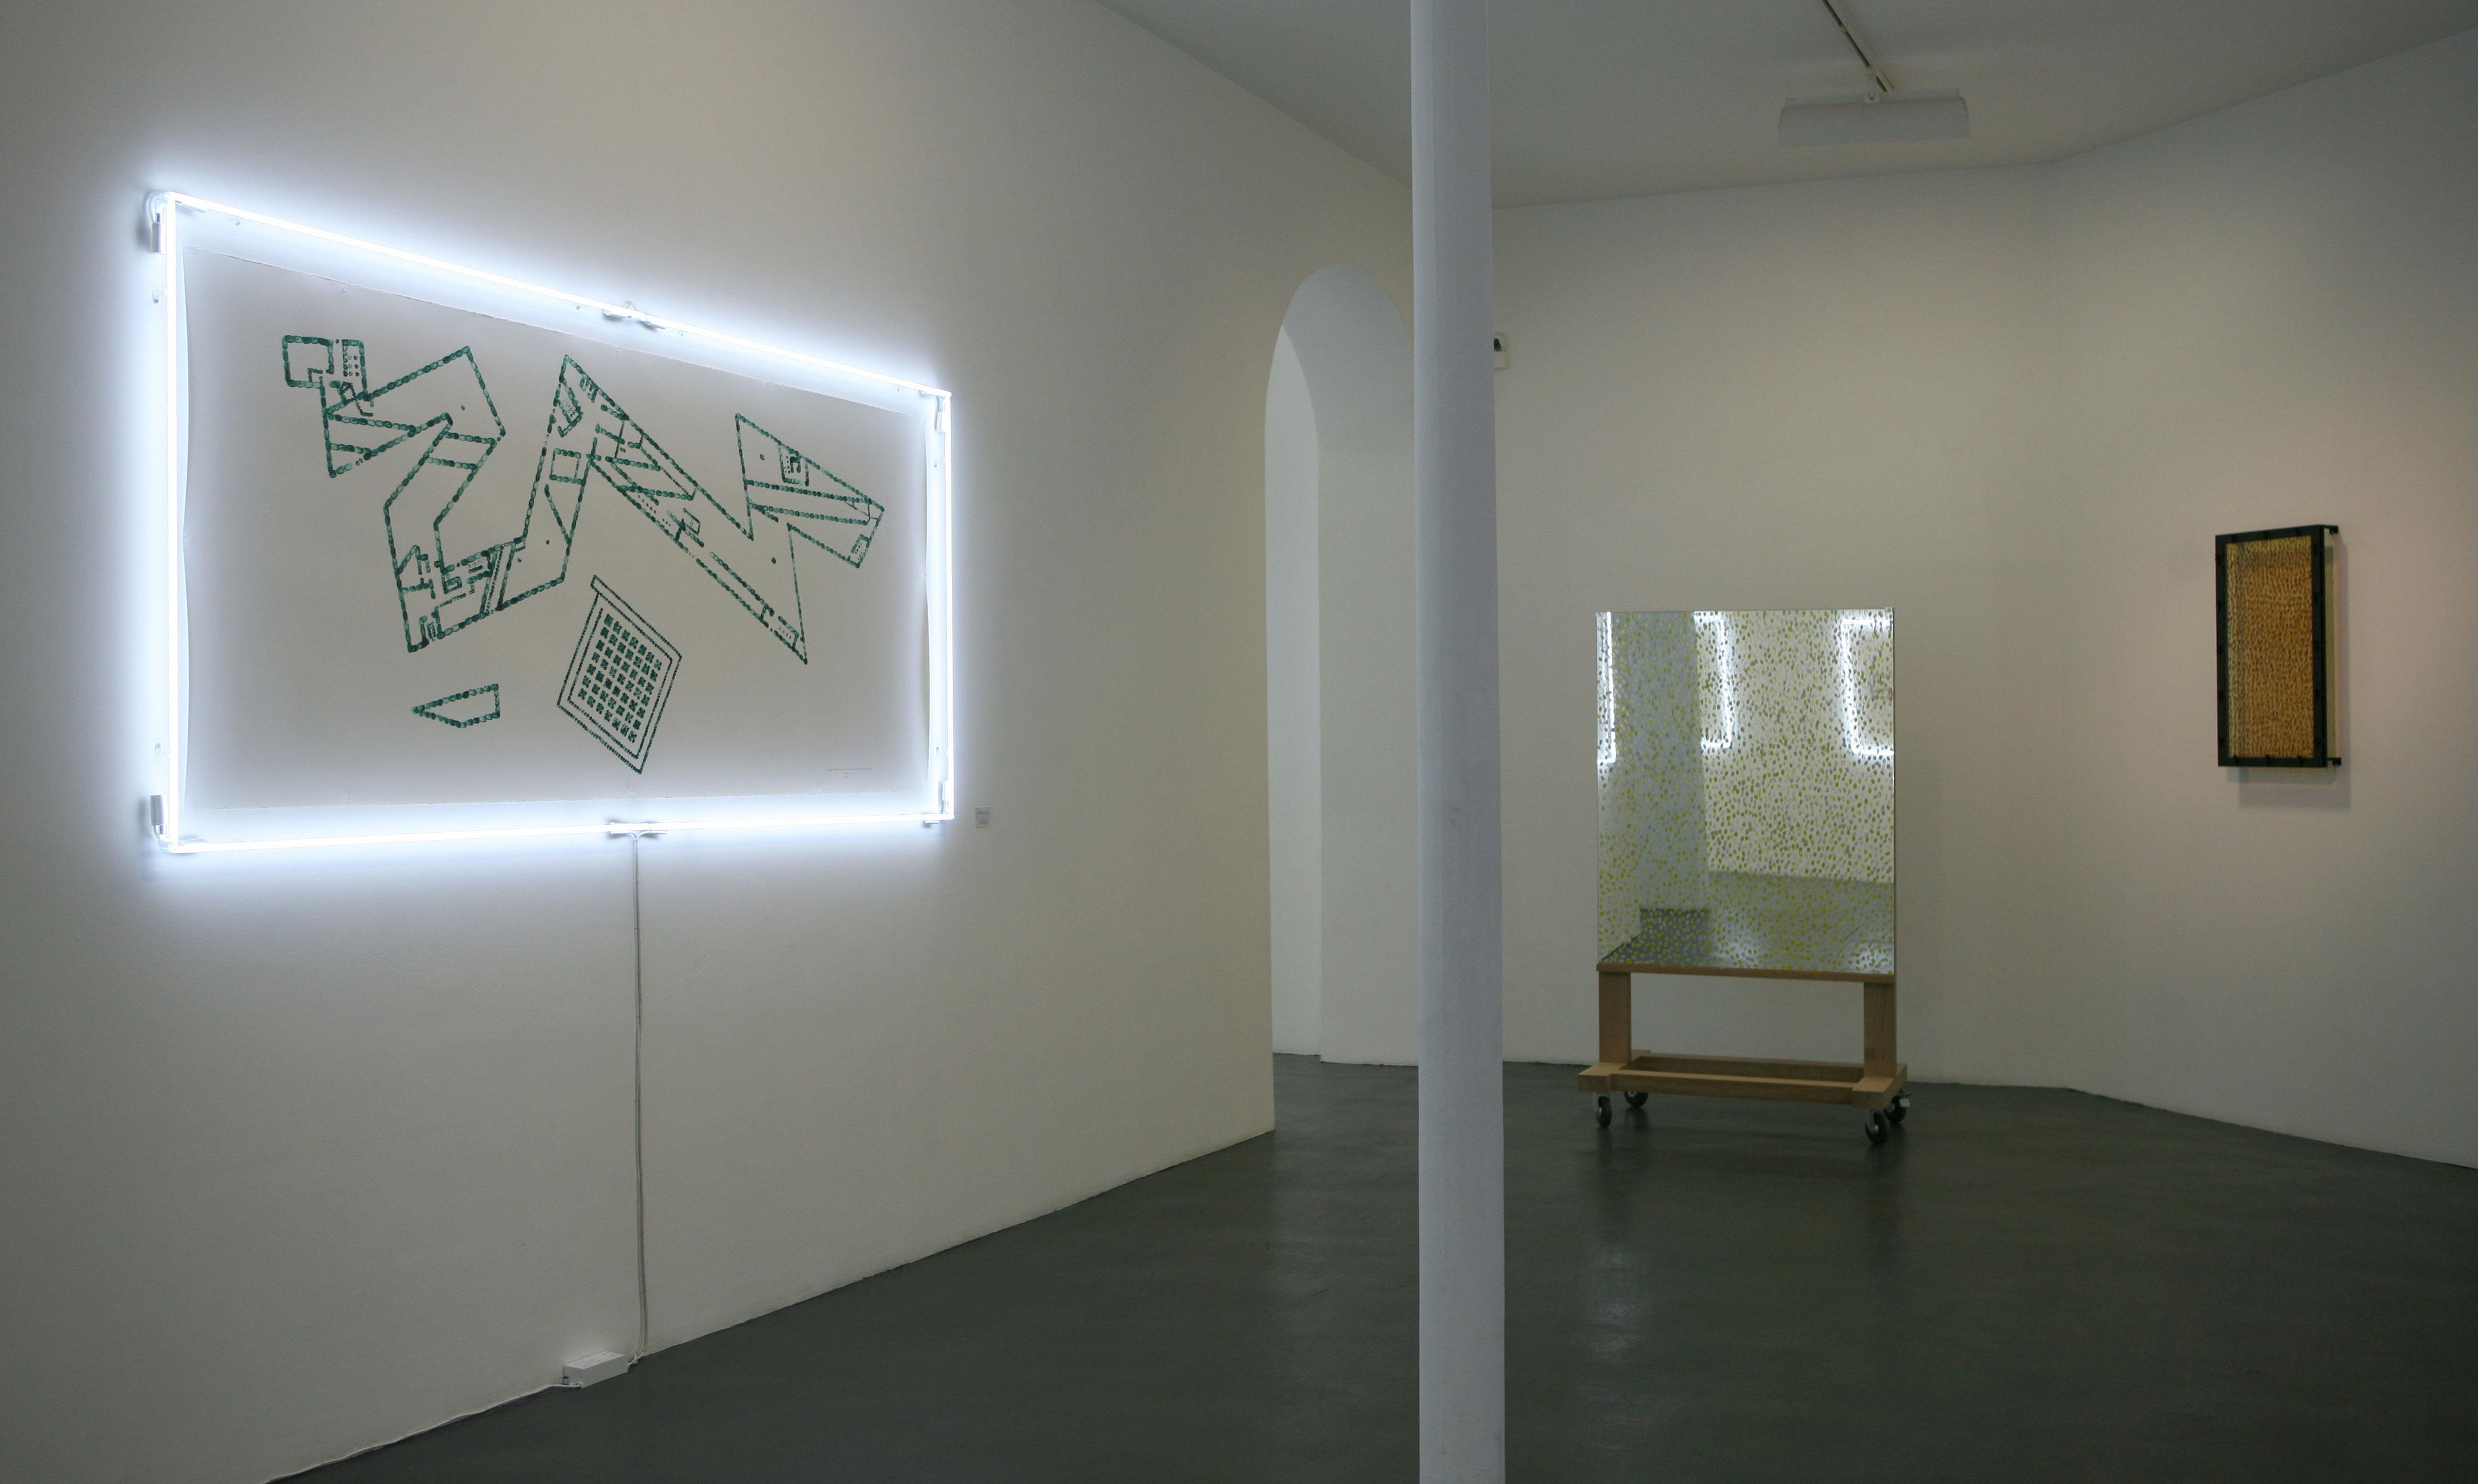 OPUS-N2-galerie-Nathalie-Obadia-Paris-11-3-3-5-2011